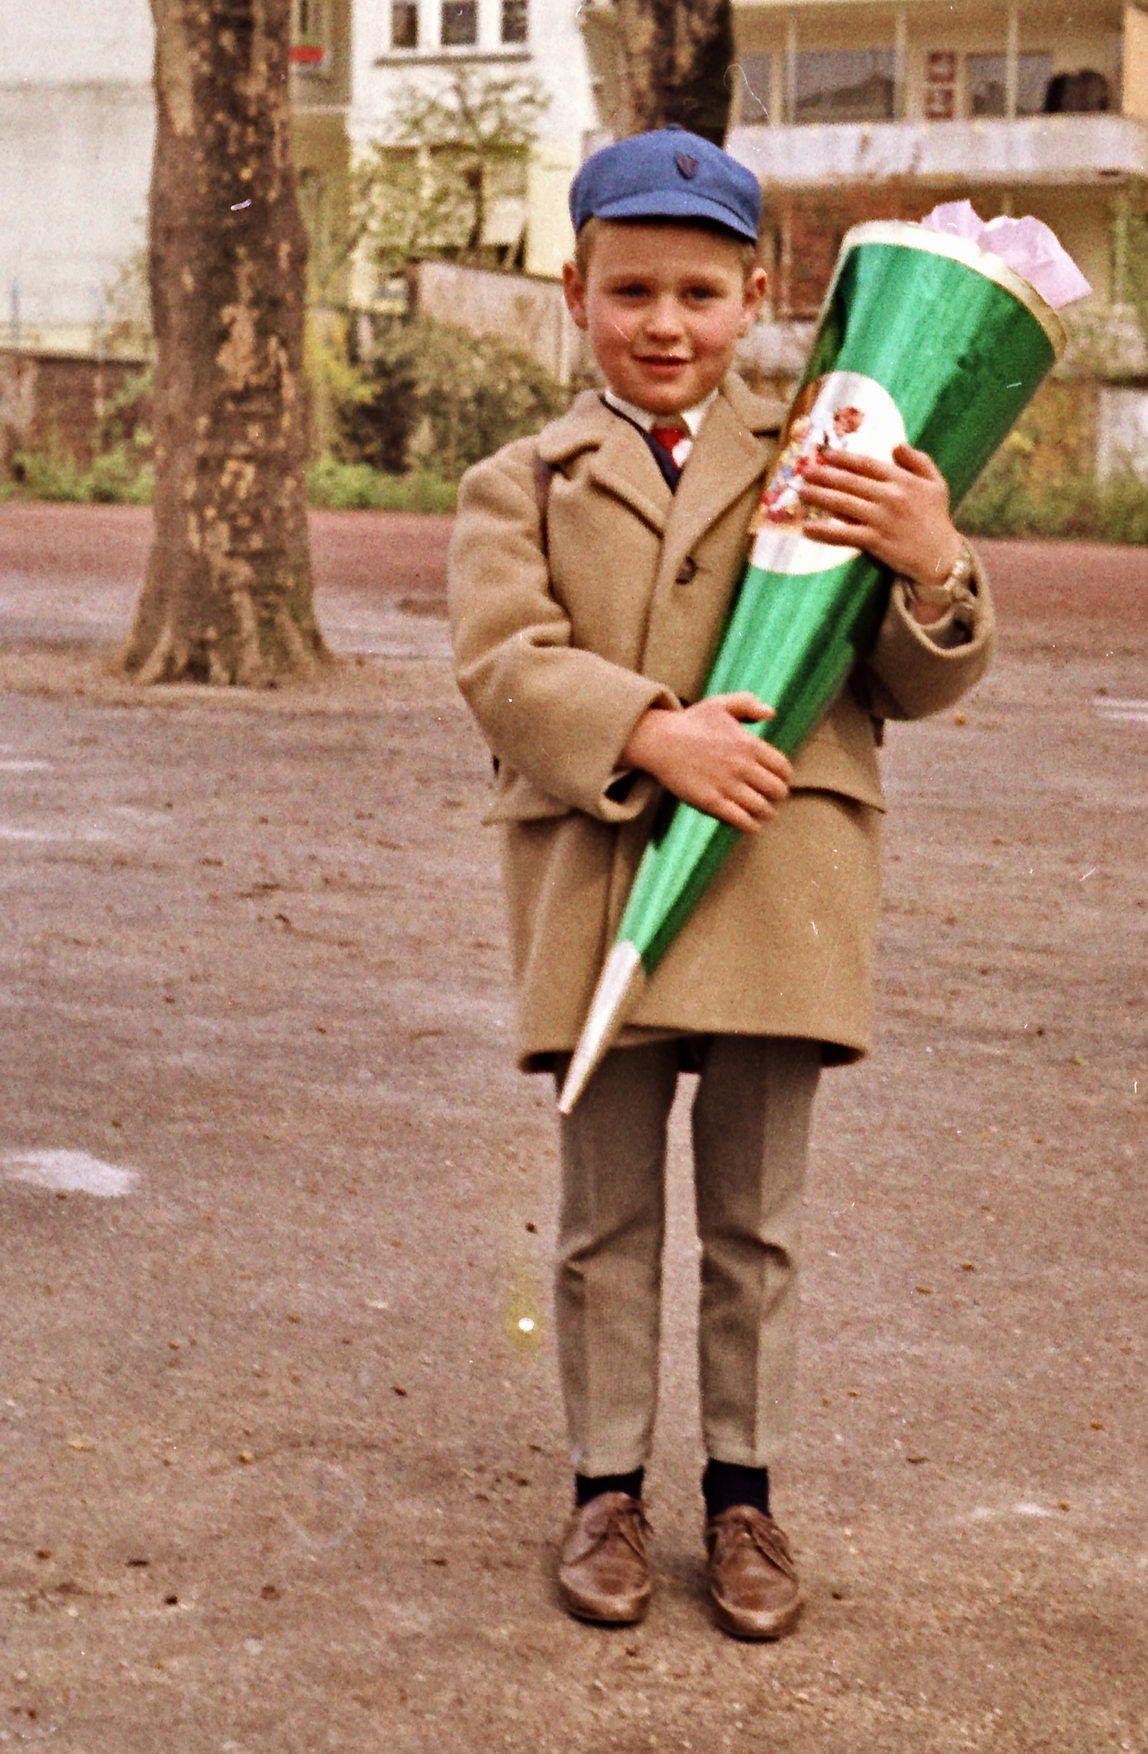 Schulanfang In Den 1960er Jahren Gaidaphotos Gallerie Schulanfang Schule 1960er